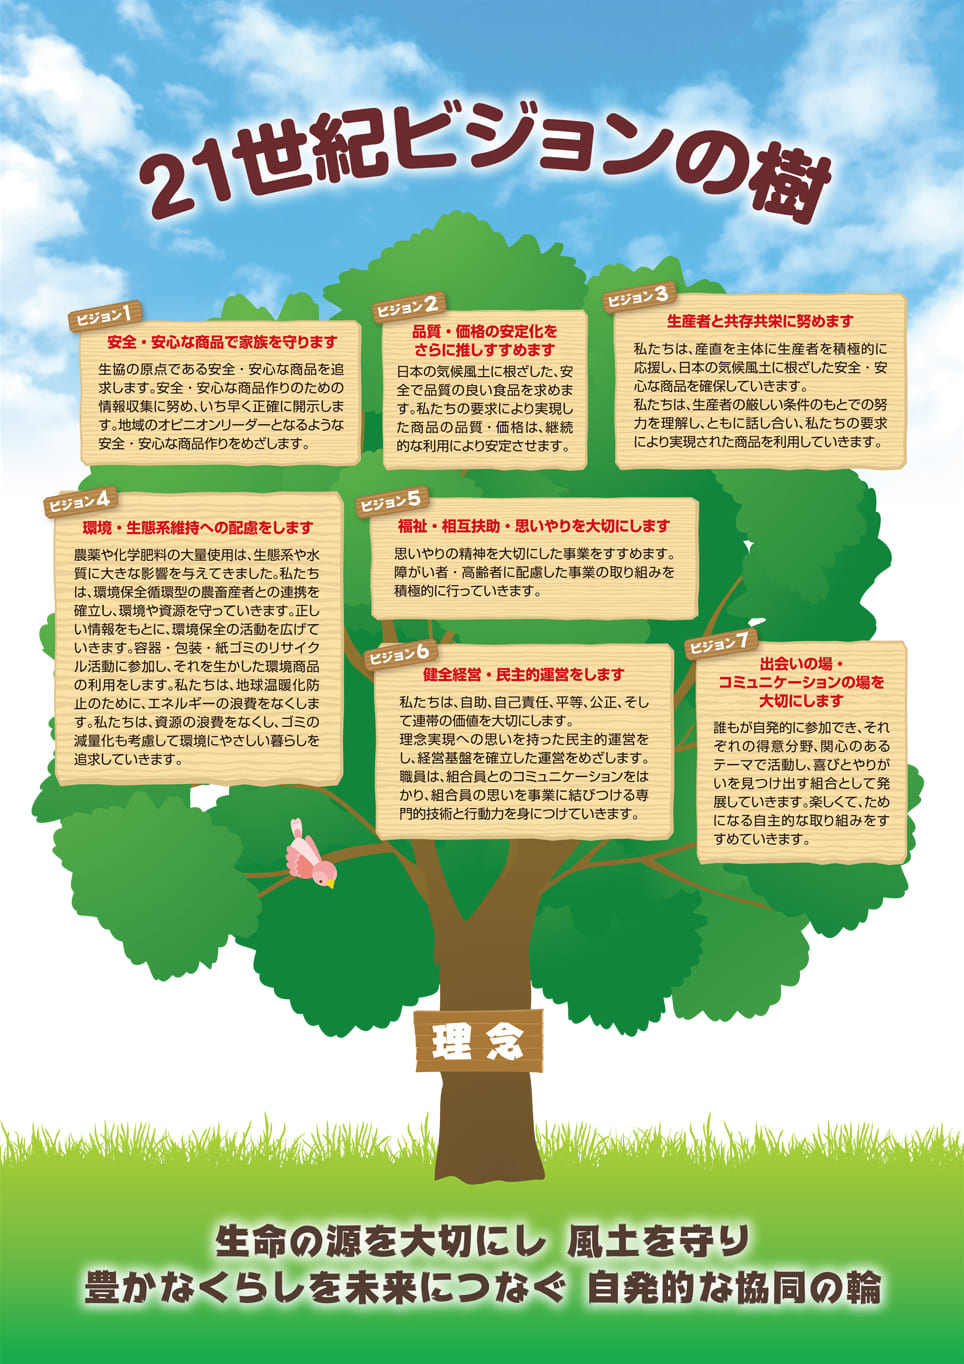 21世紀ビジョンの樹